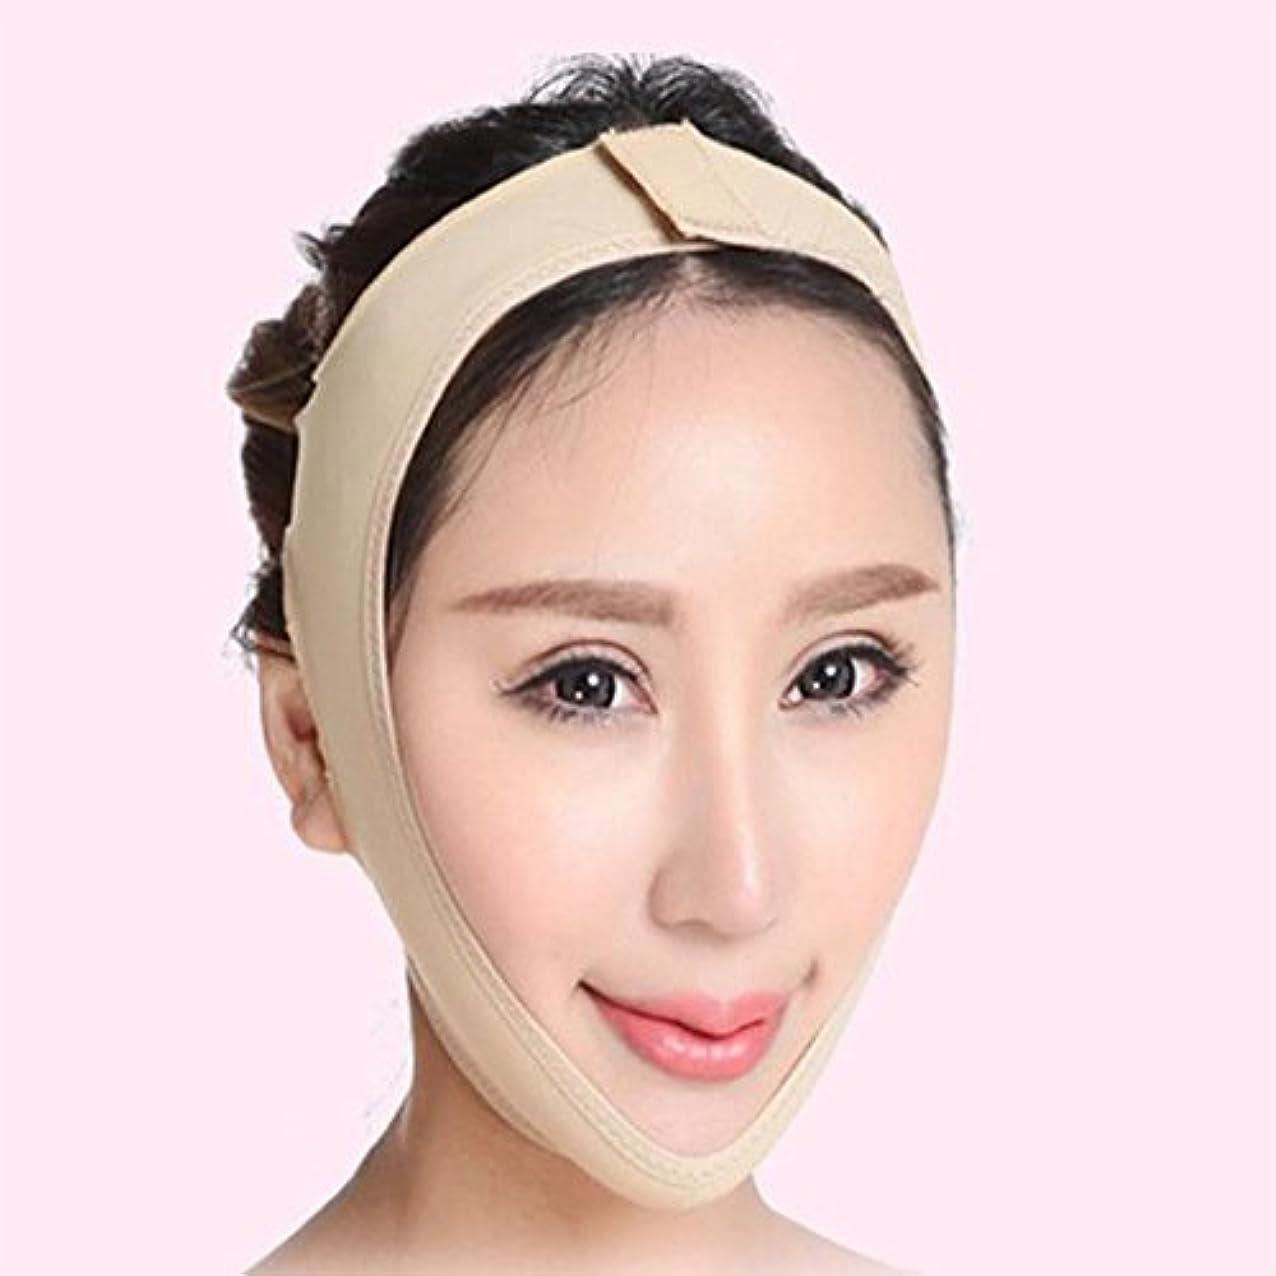 モザイクほぼ持ってるSD 小顔 小顔マスク リフトアップ マスク フェイスライン 矯正 あご シャープ メンズ レディース Sサイズ AZD15003-S